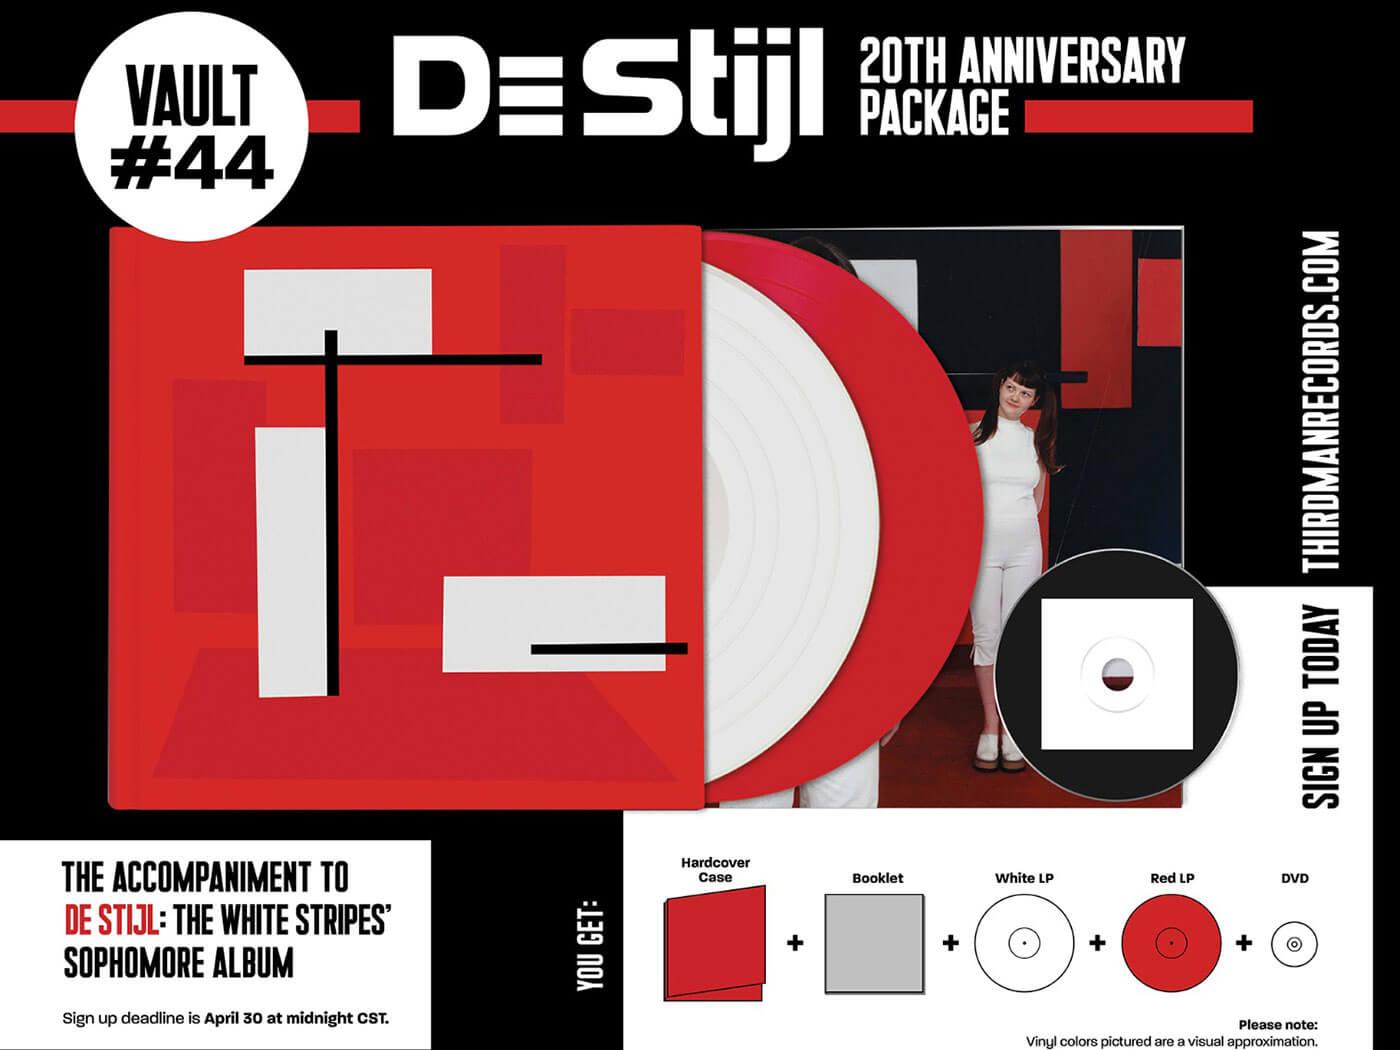 The De Stijl Companion LP